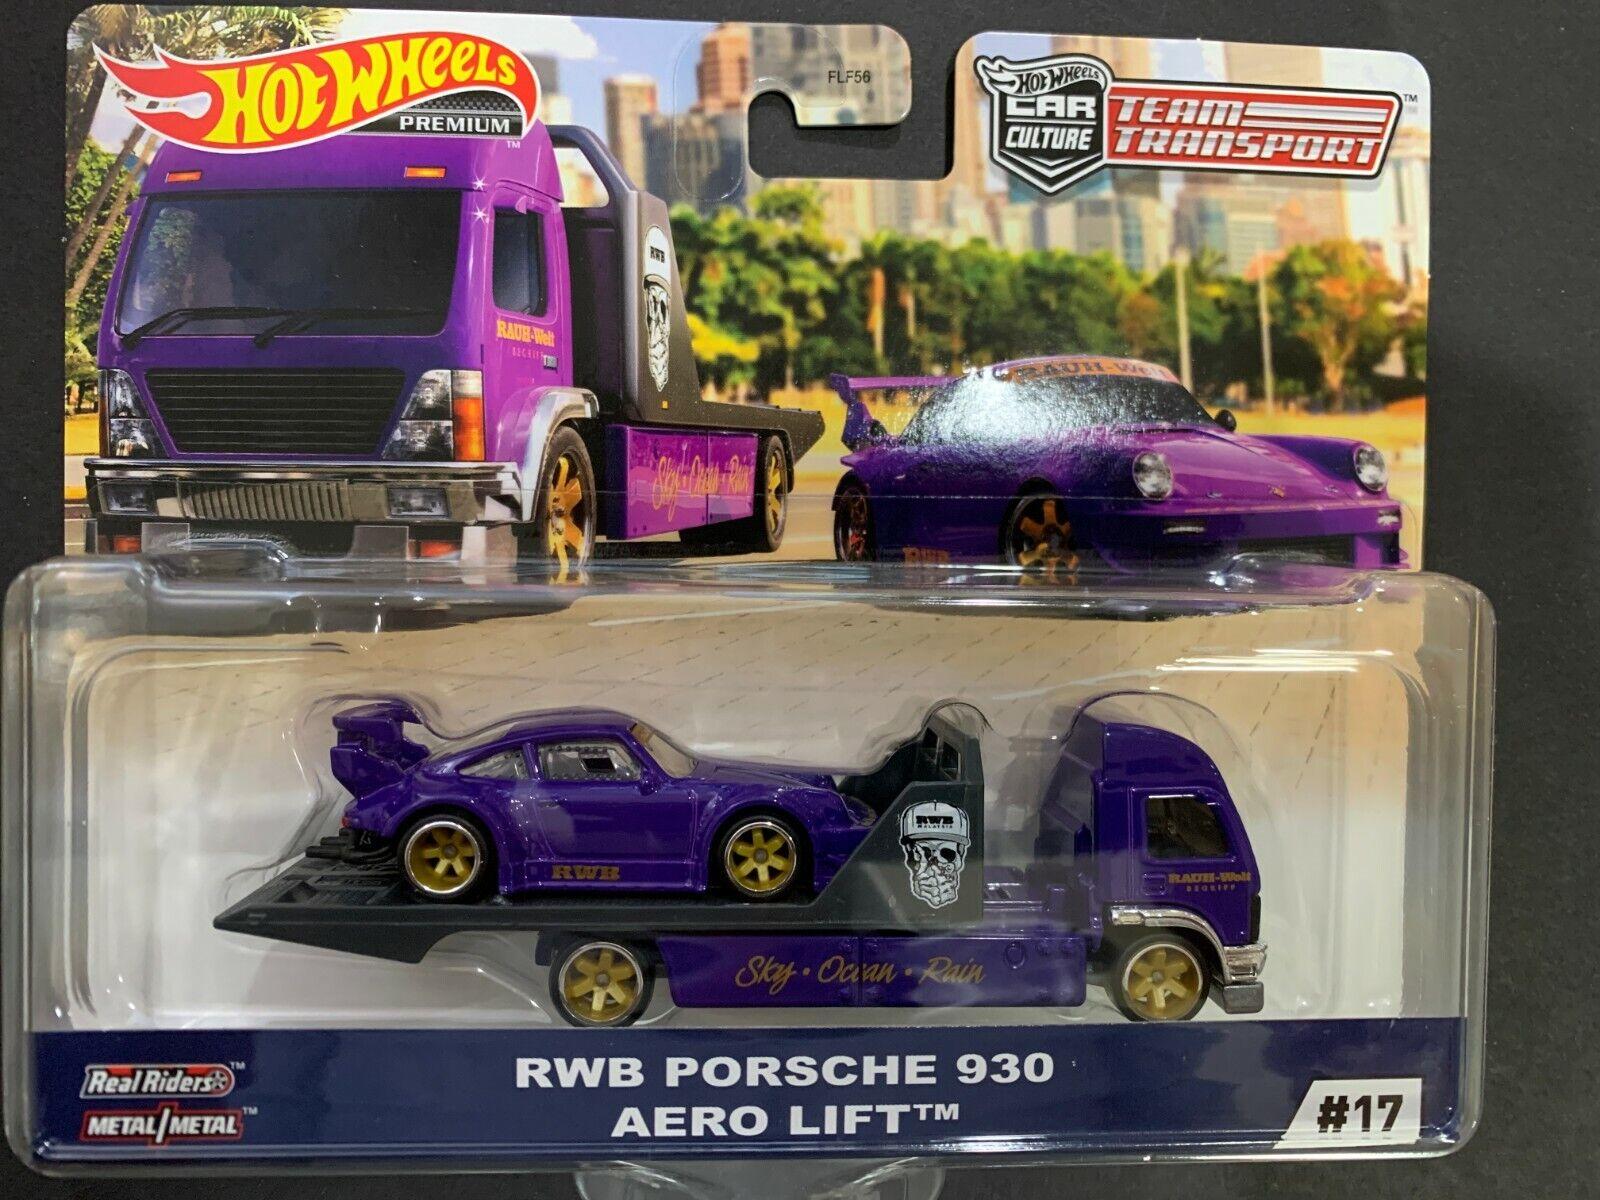 NEW 2020 Hot Wheels Car Culture Team Transport G Case RWB Porsche 930 Aero Lift